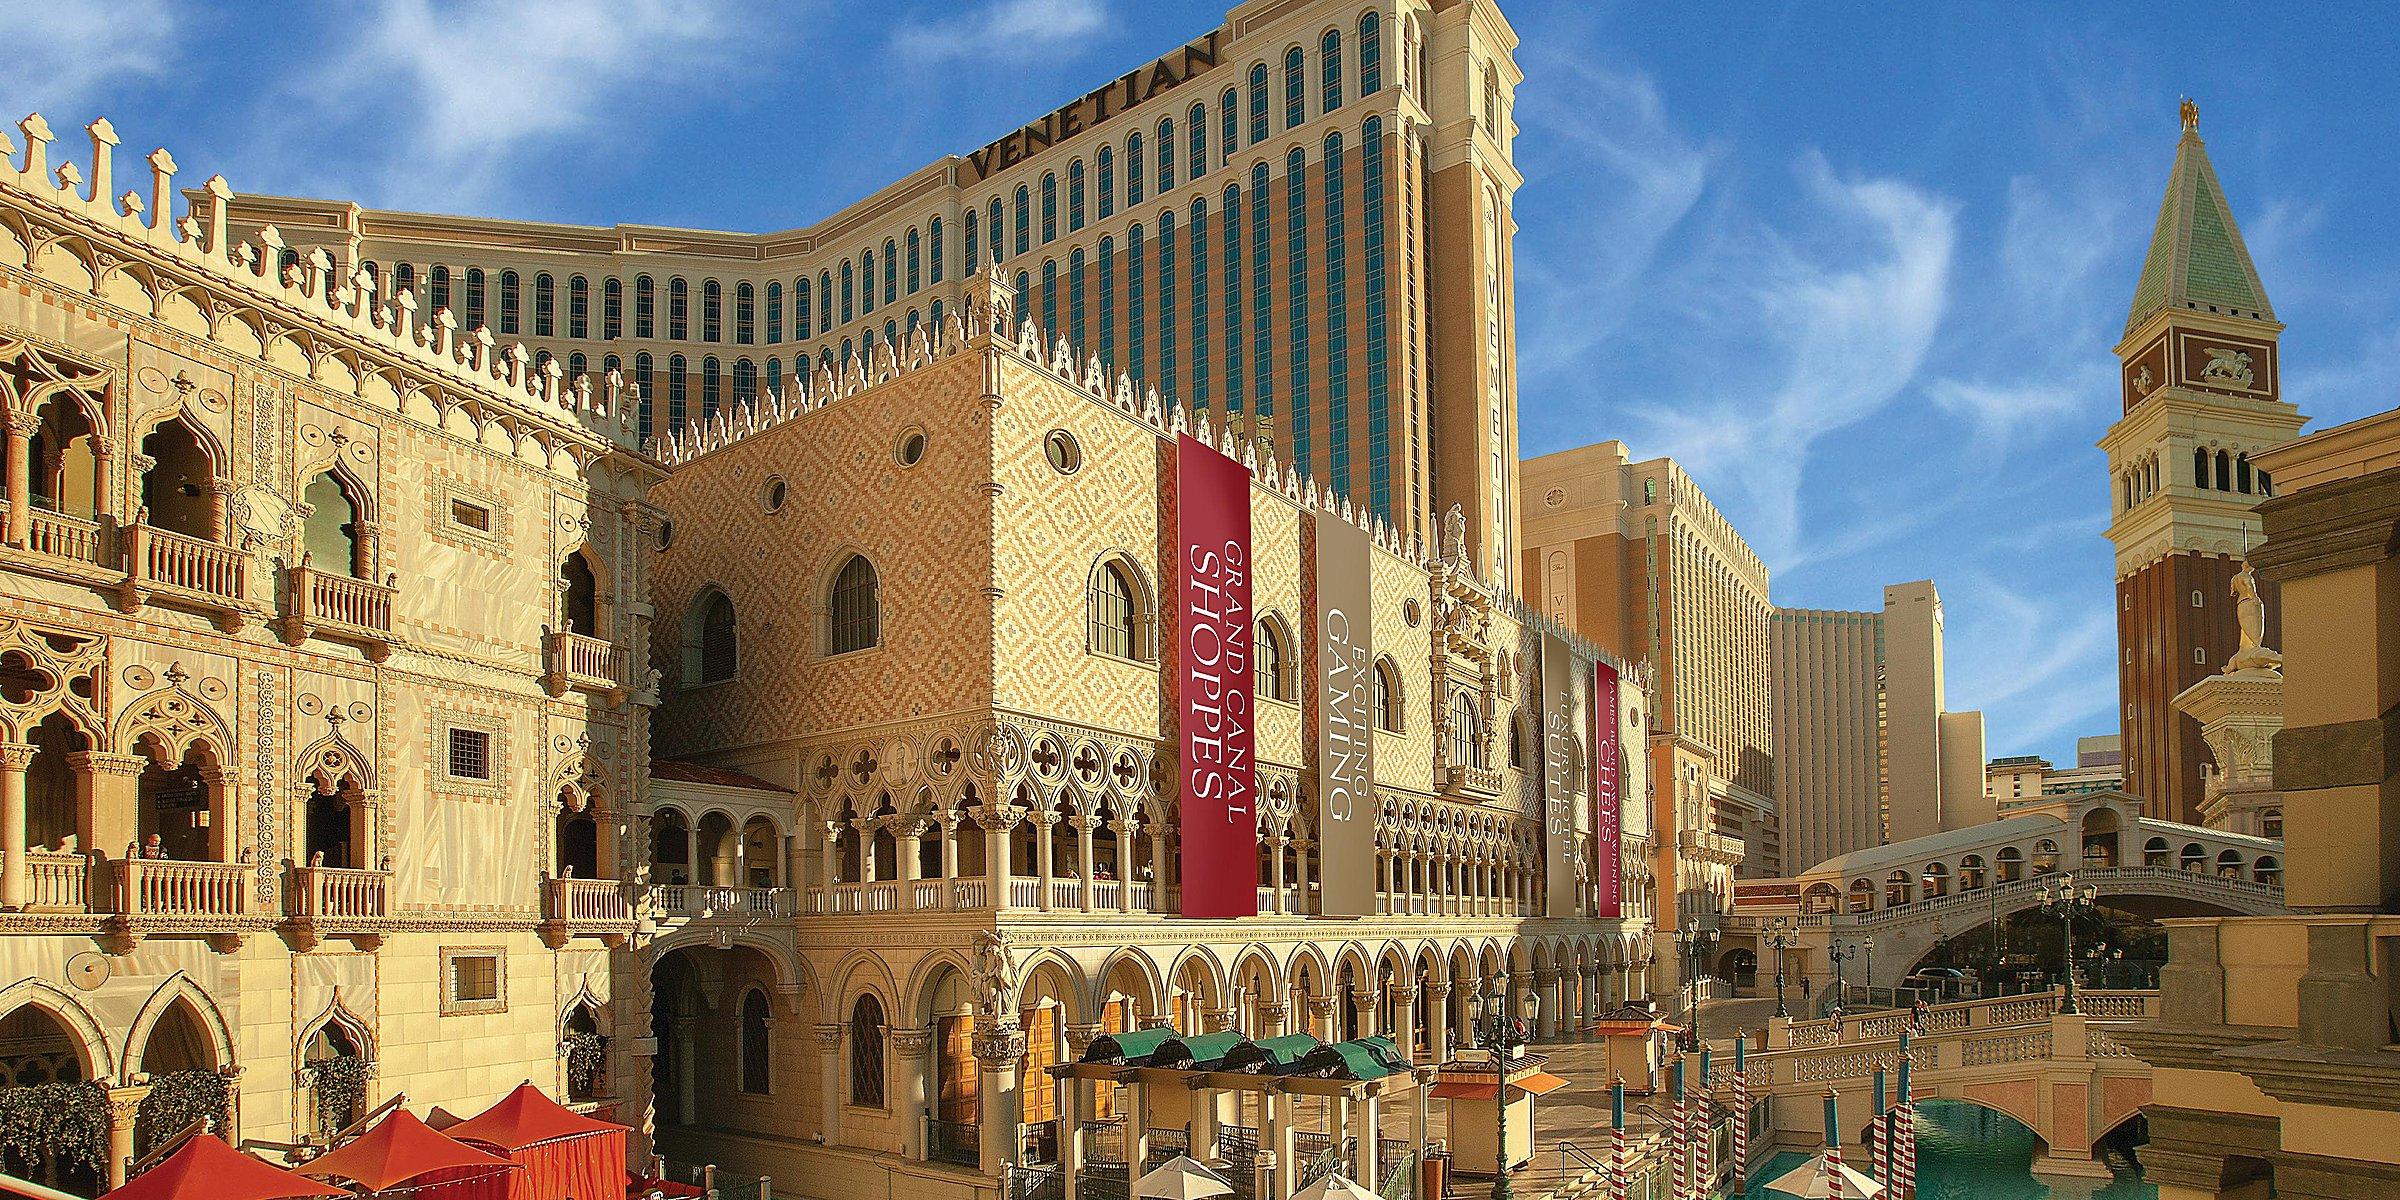 The Venetian Las Vegas Luxury Resort Hotel In Las Vegas By Ihg